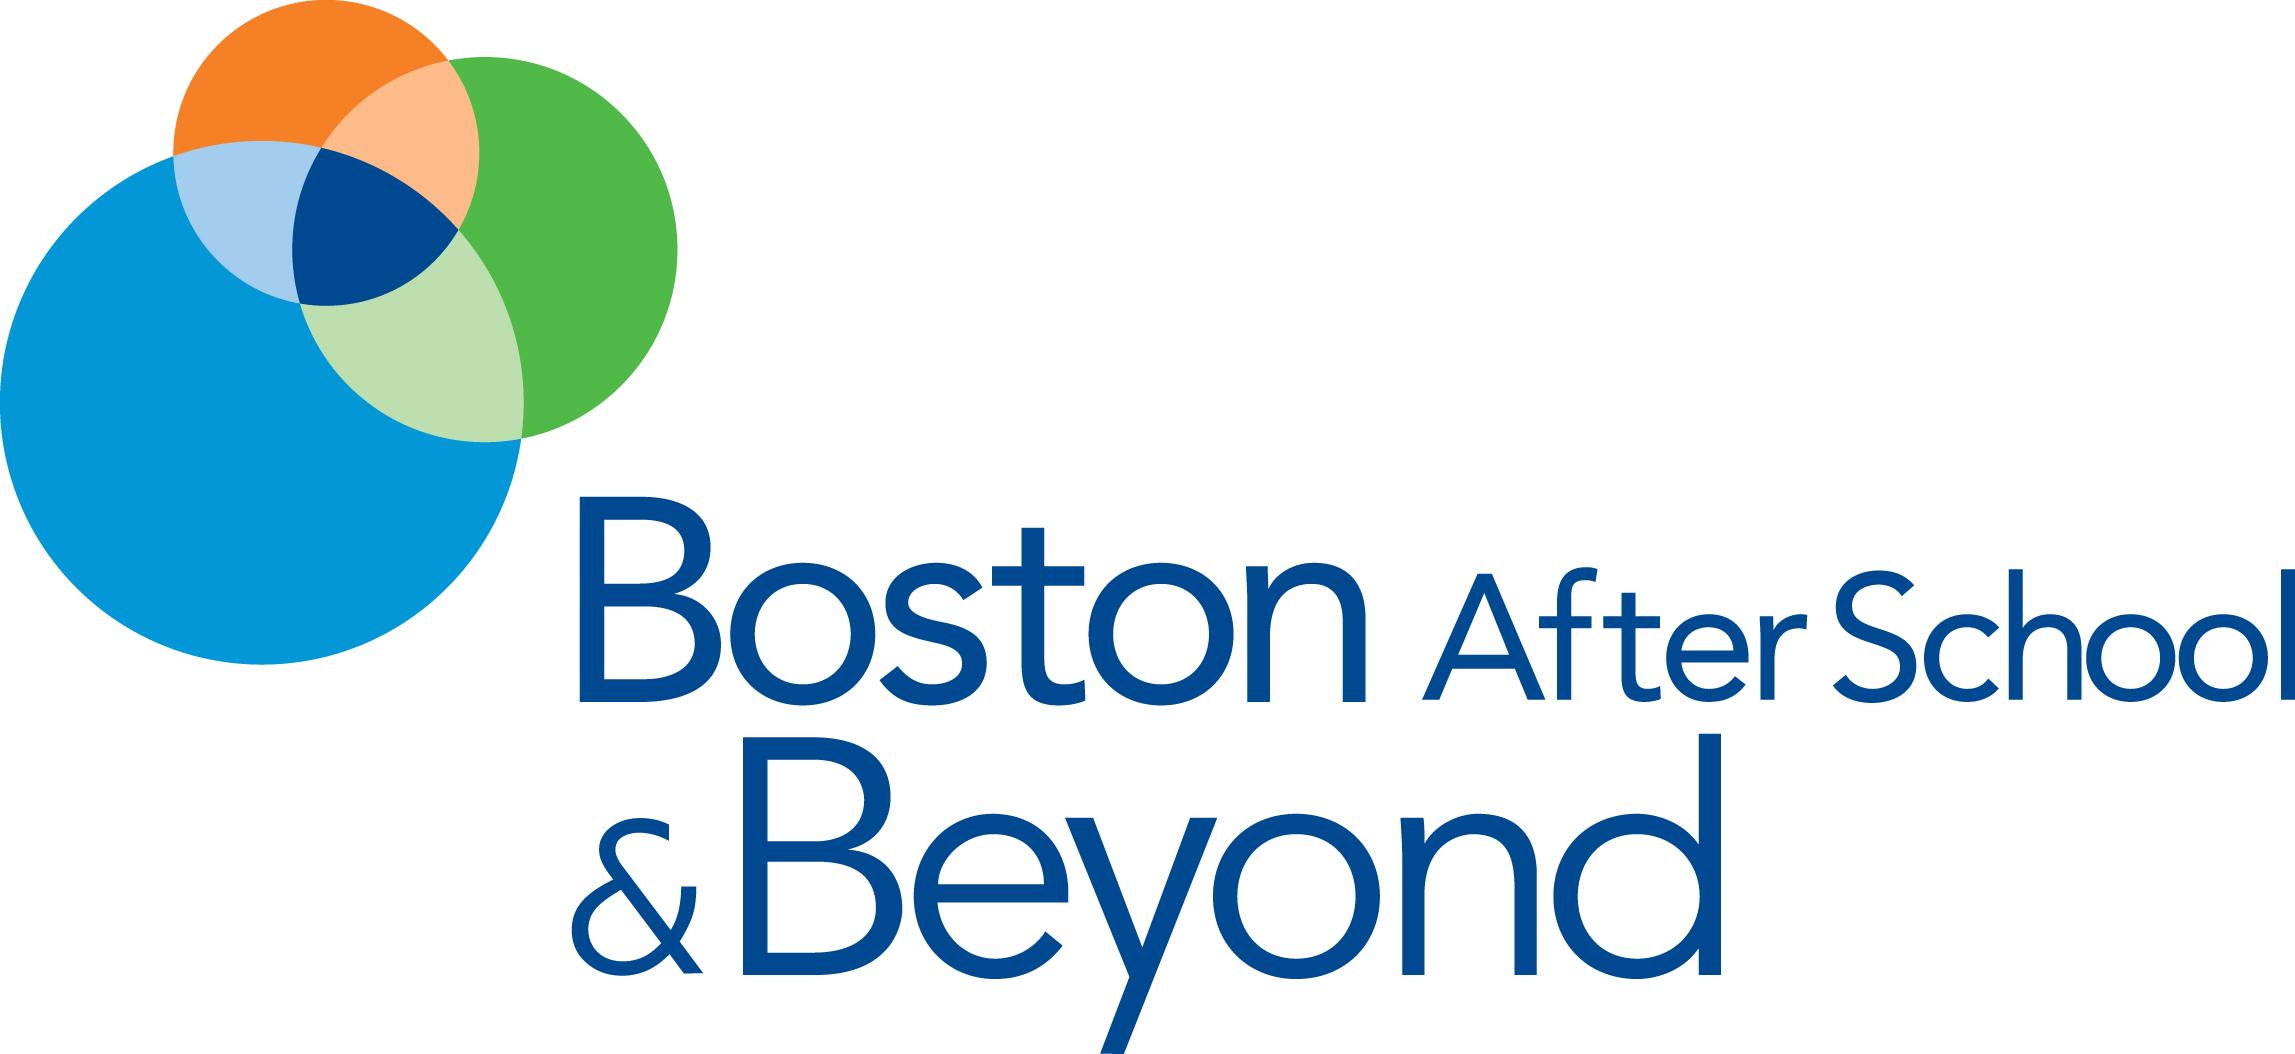 bostonbeyond_logo-high-res.jpg